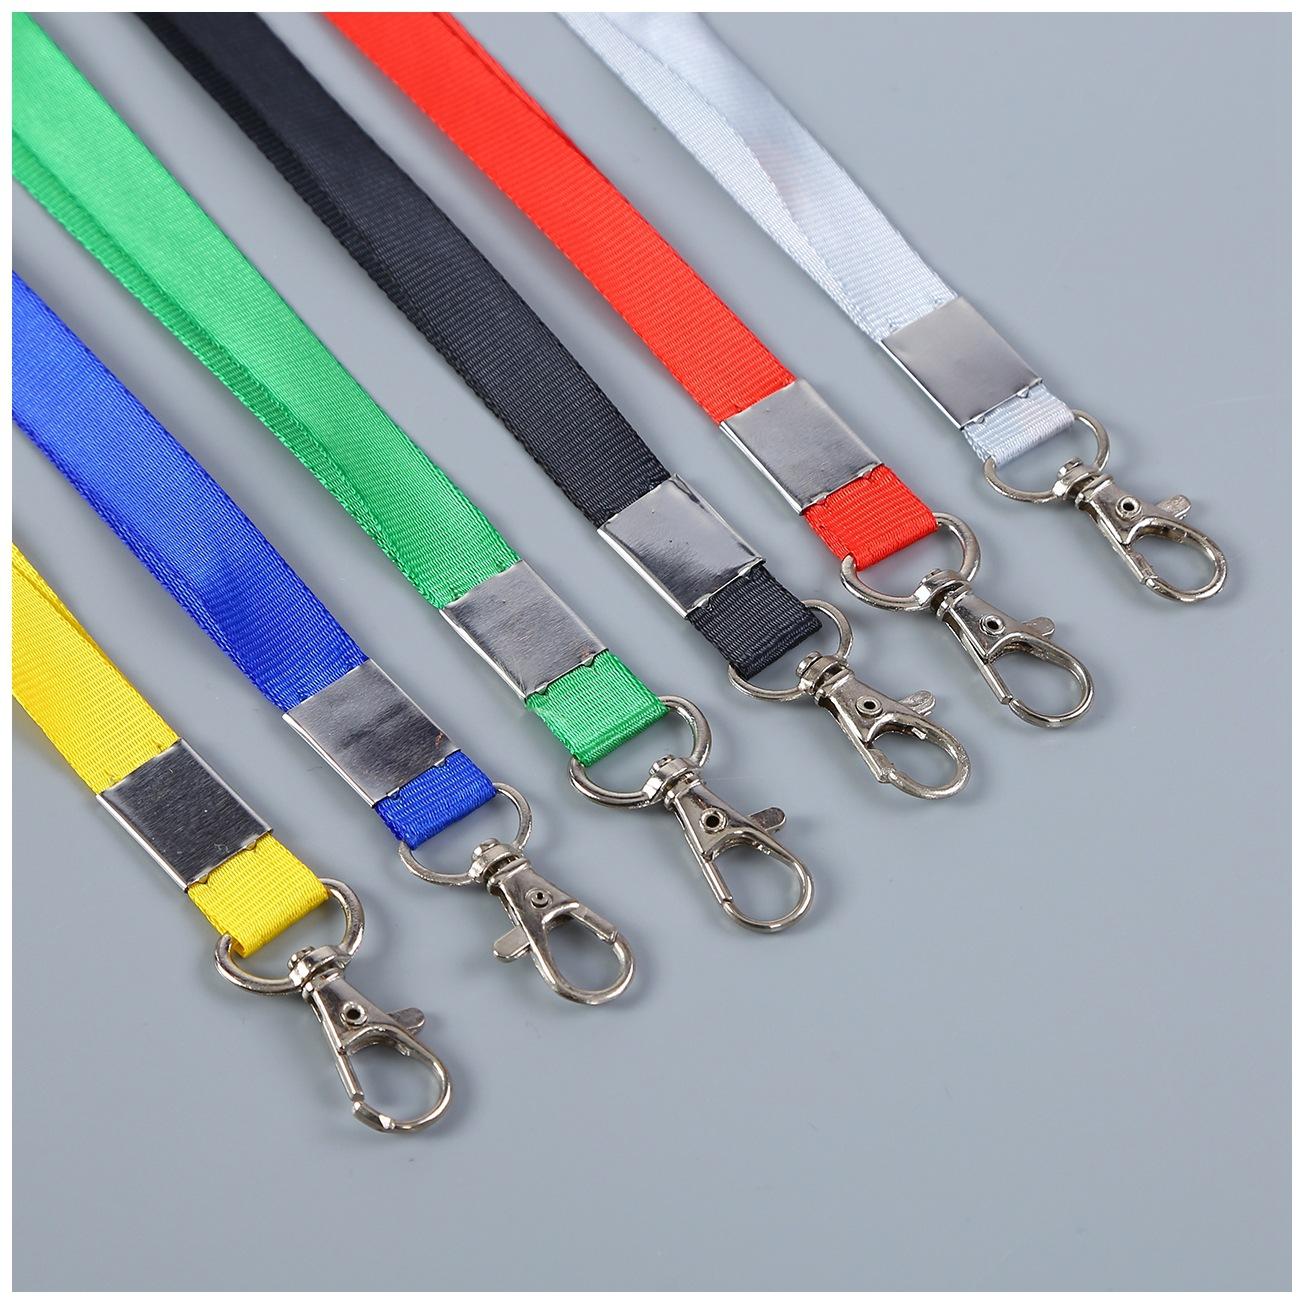 JIANHONG dây đeo Nhà sản xuất bán buôn âm thanh đèn pin điện thoại di động dây tùy chỉnh phim hoạt h